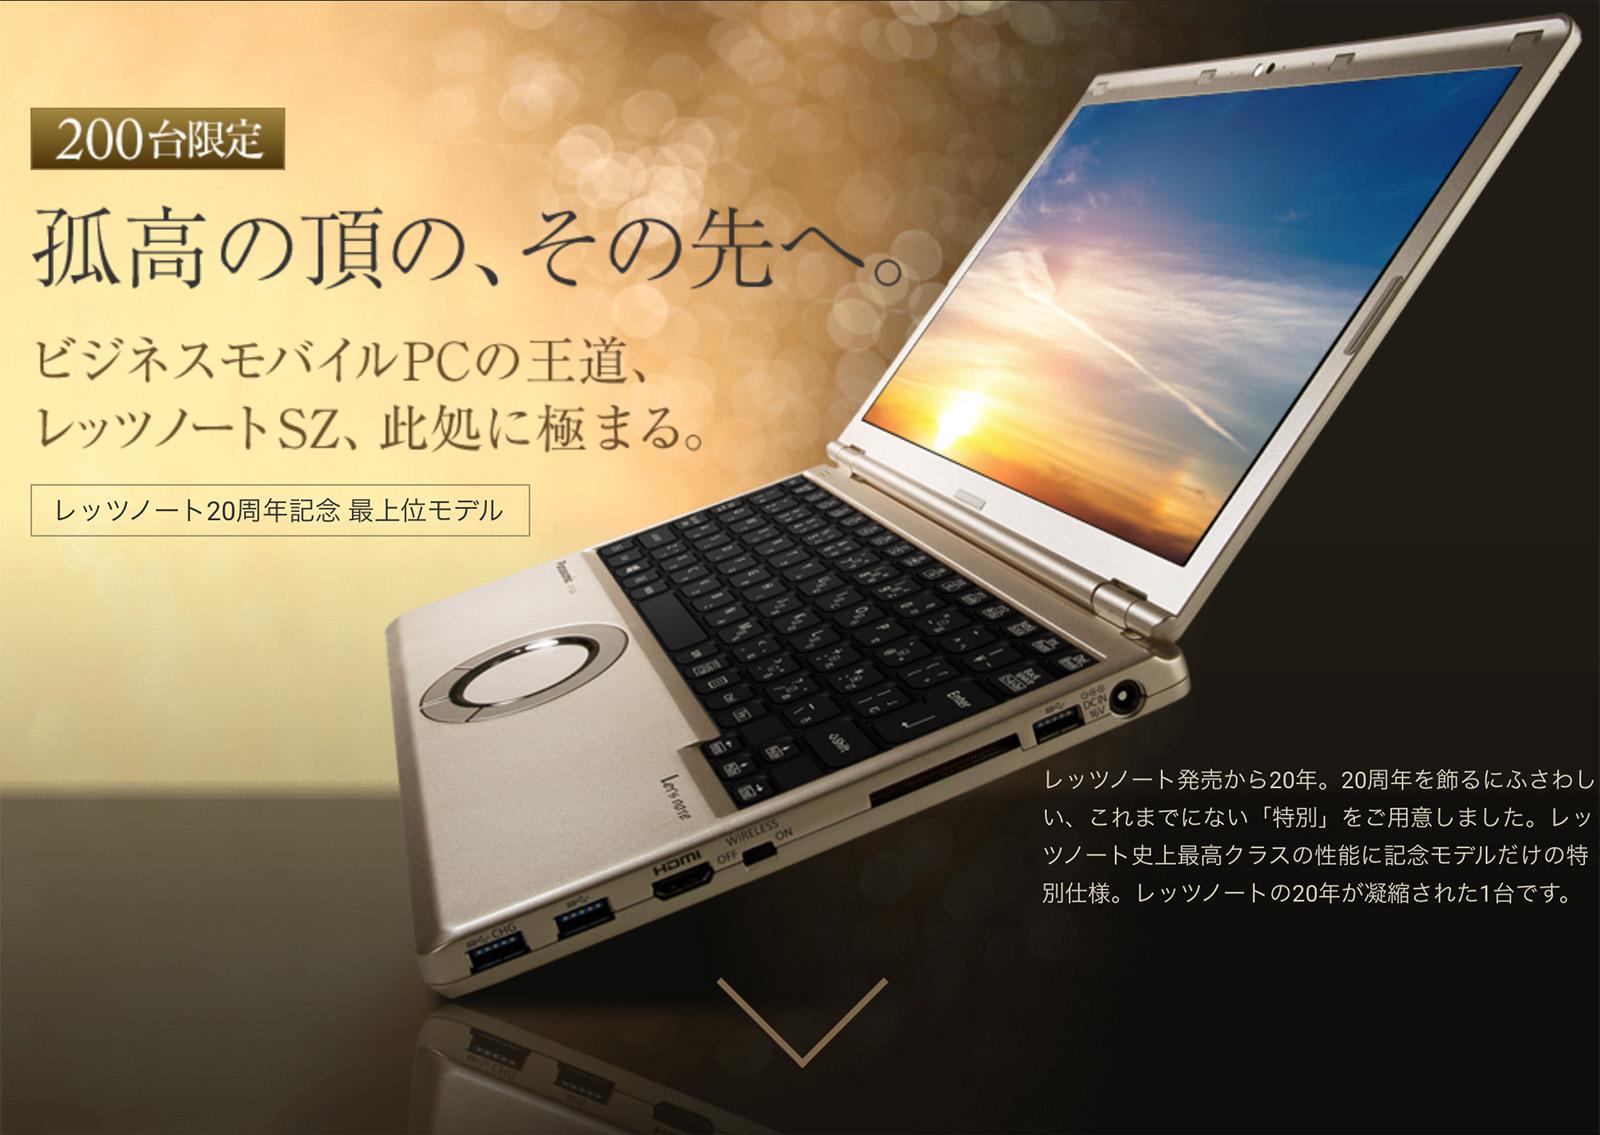 パナソニック Let's note SZ6 20周年記念モデル